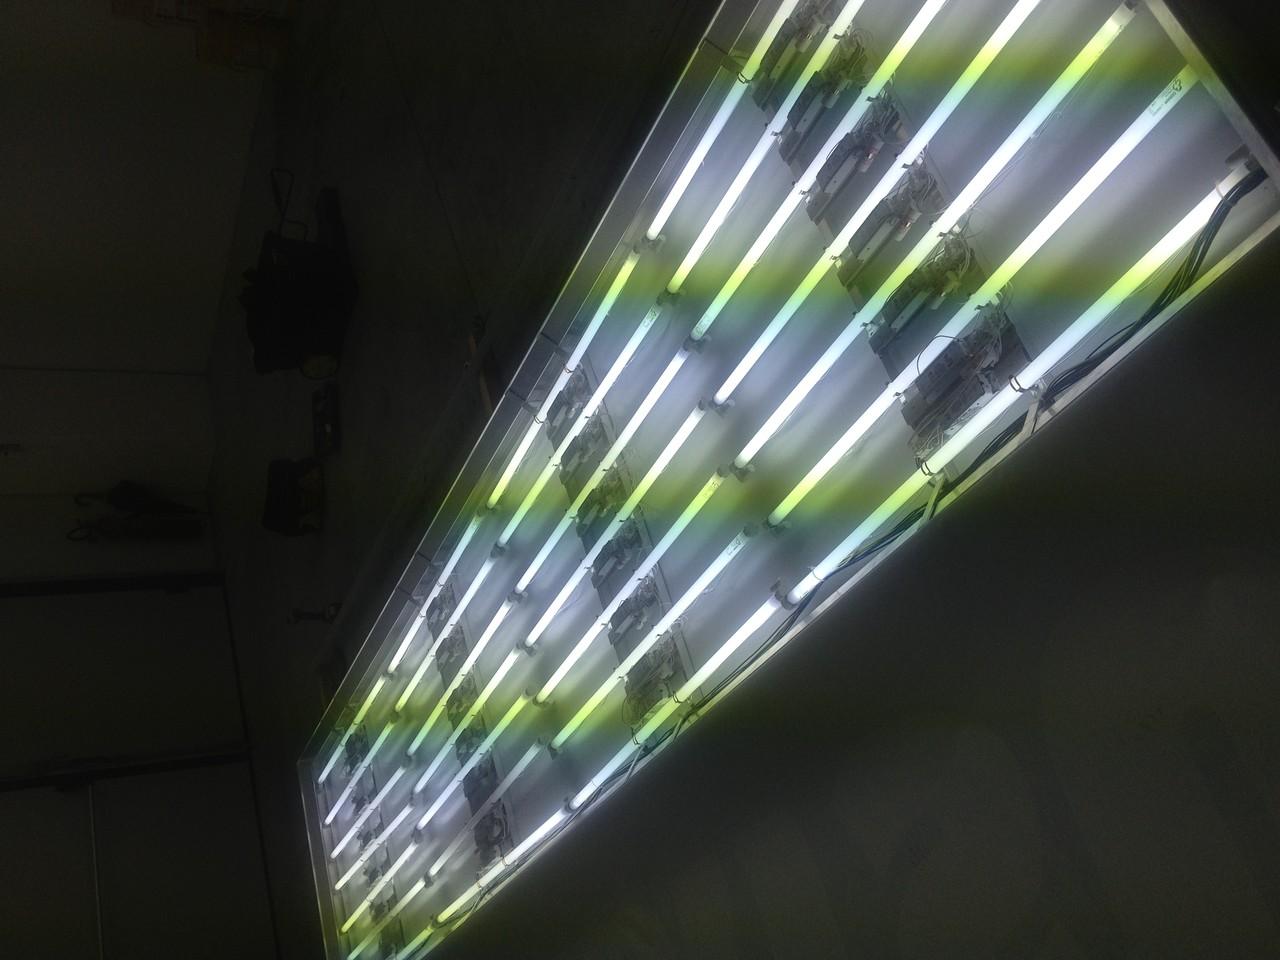 Ripristino di impianti elettrici a neon o led.